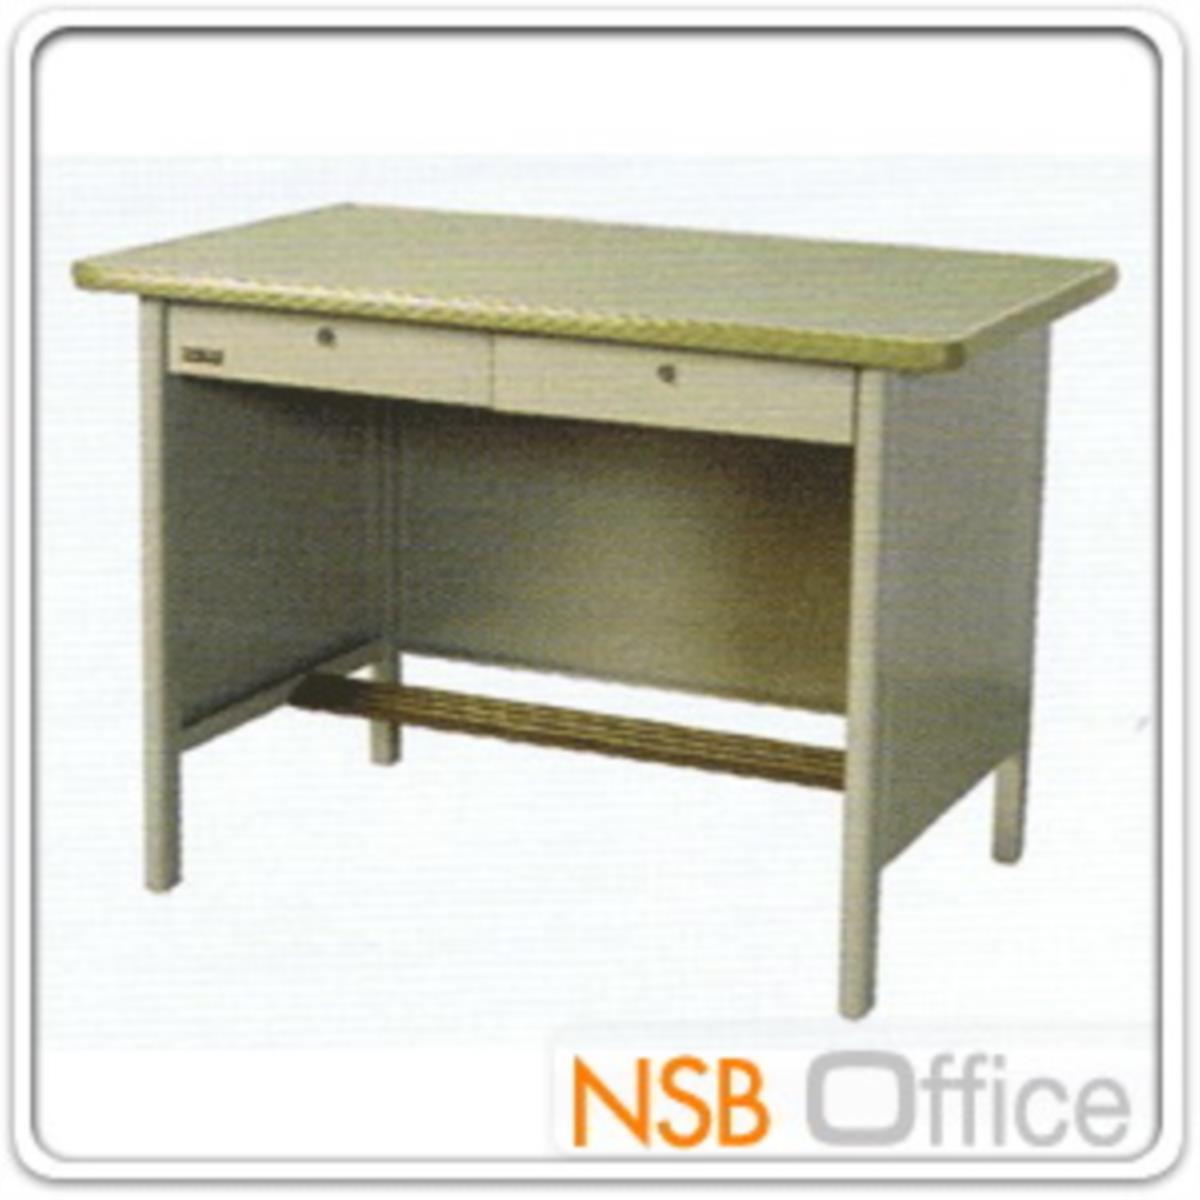 โต๊ะทำงานเหล็ก 2 ลิ้นชัก รุ่น M-13,M-14,M-15,M-11,M-12  พร้อมกระจก